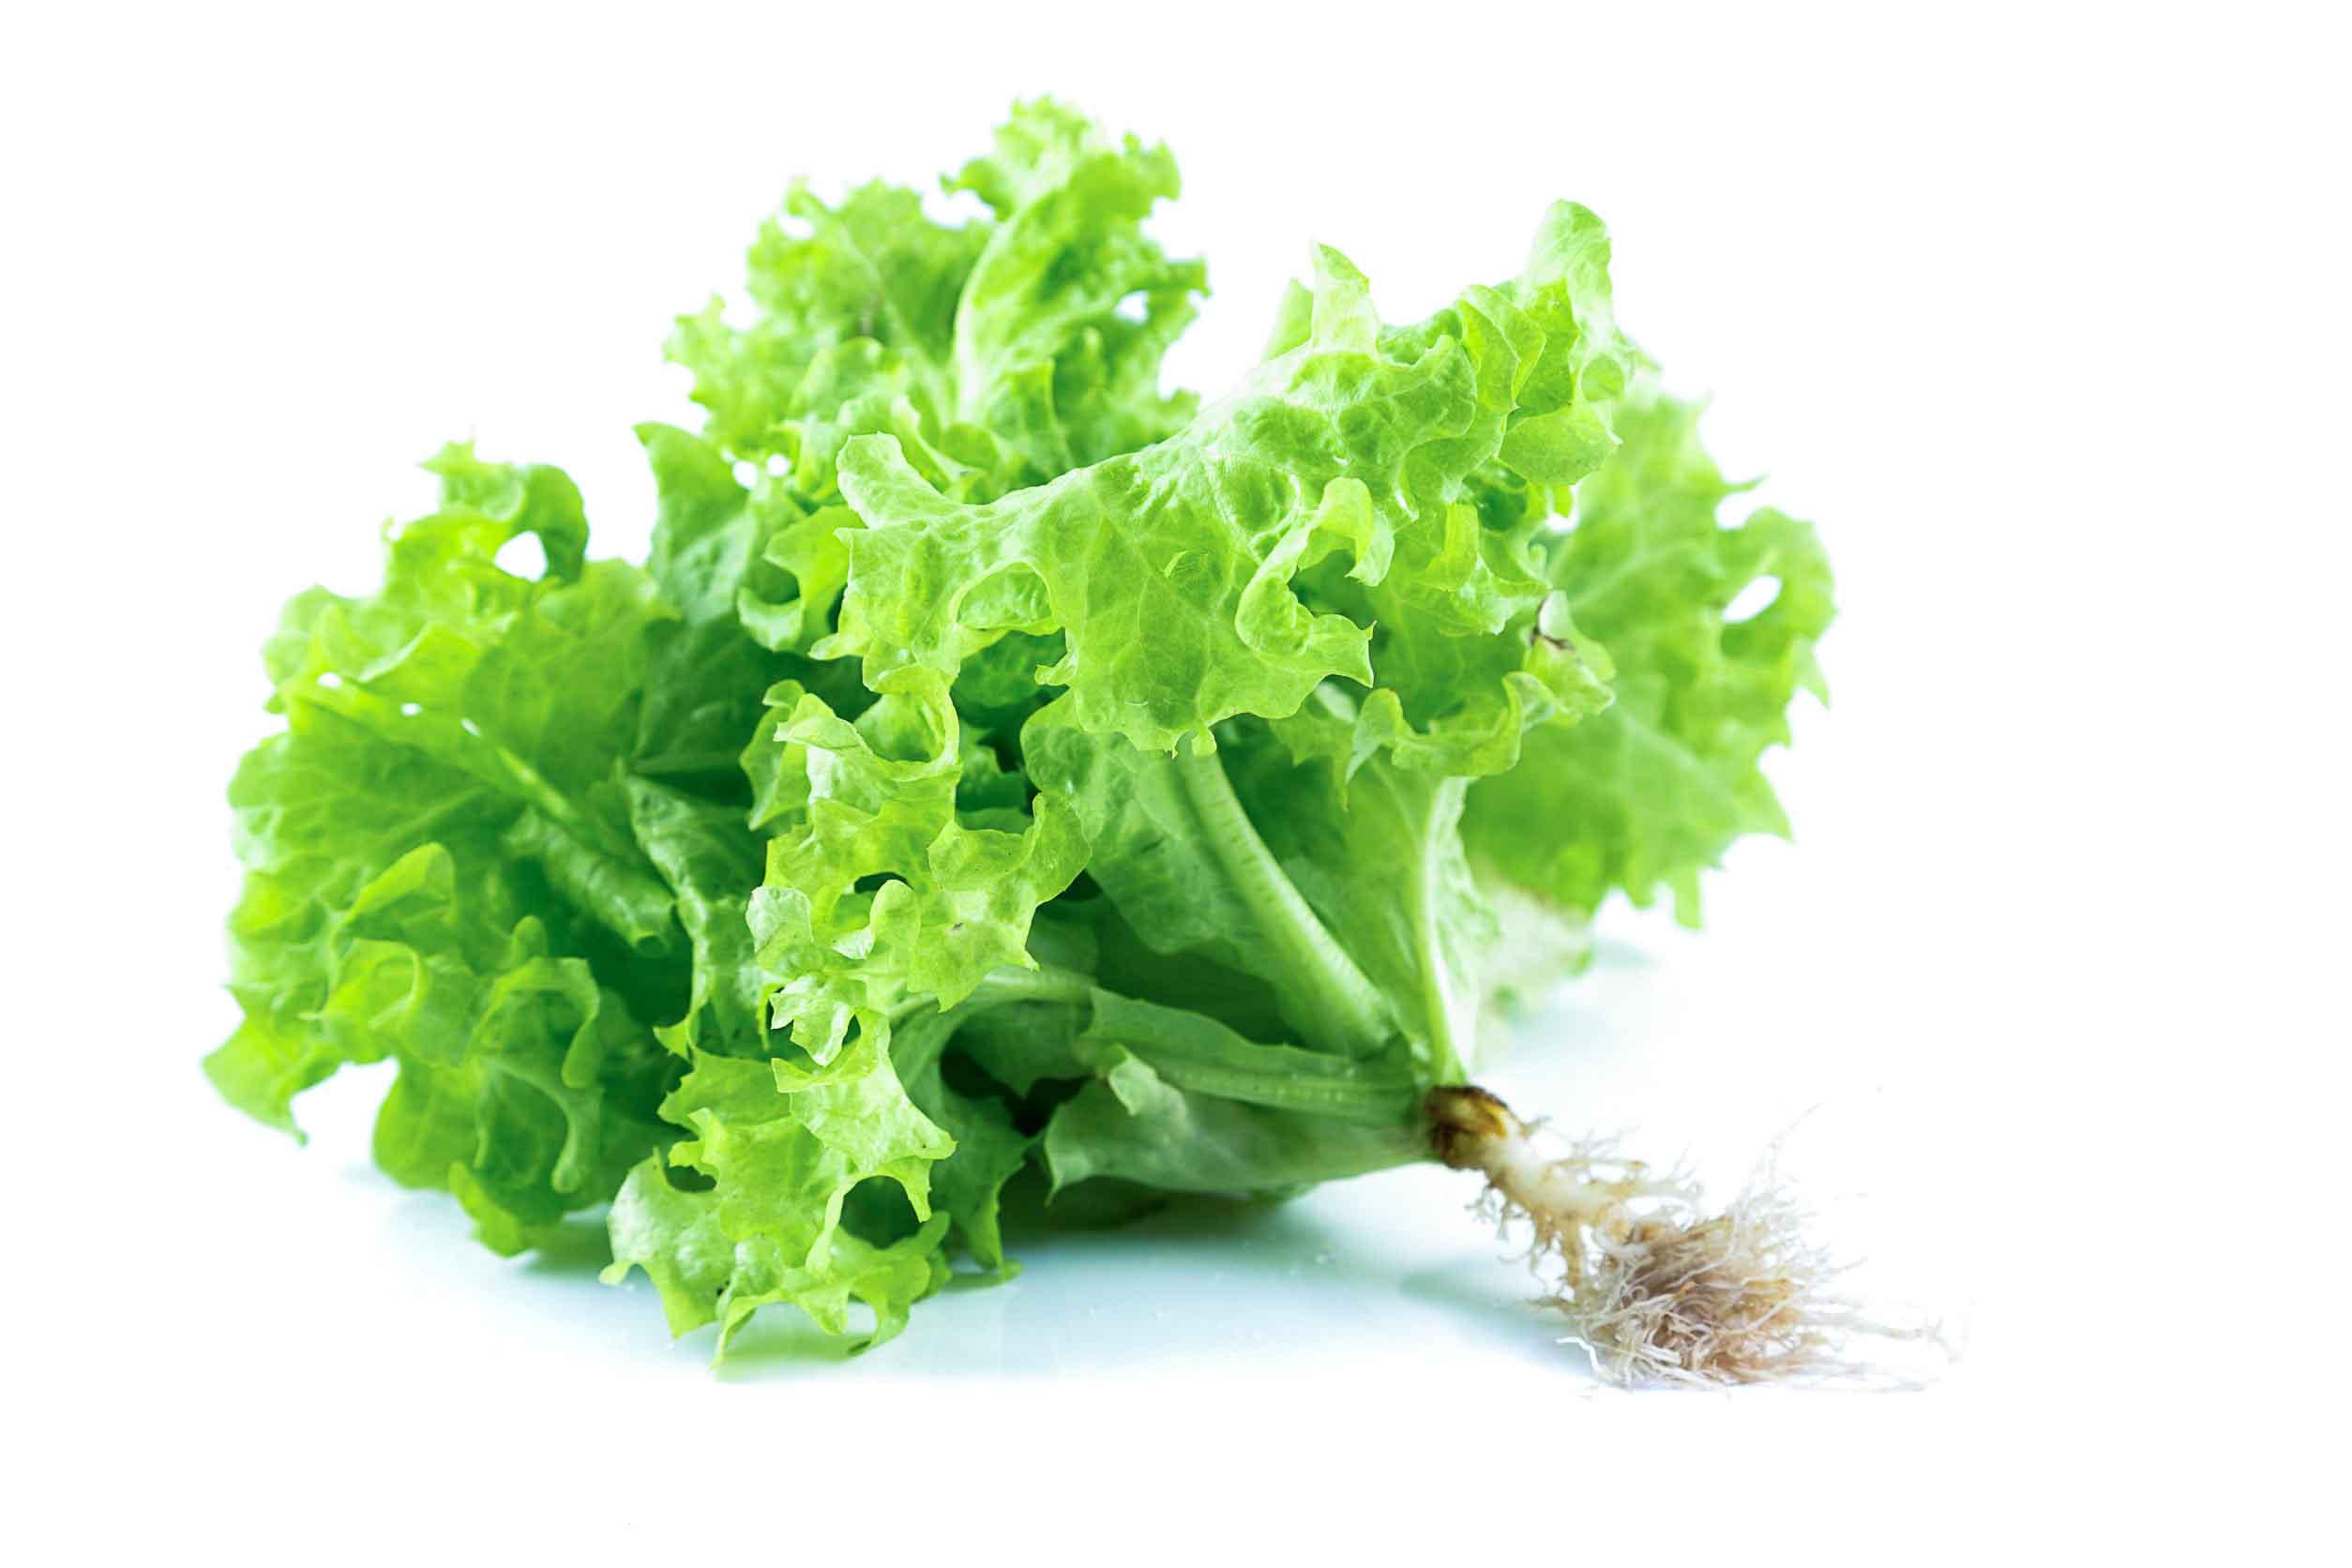 ผักกาดหอม เป็นผักที่นิยมบริโภคมากที่สุดในบรรดาผักสลัด รับประทานสด ๆ